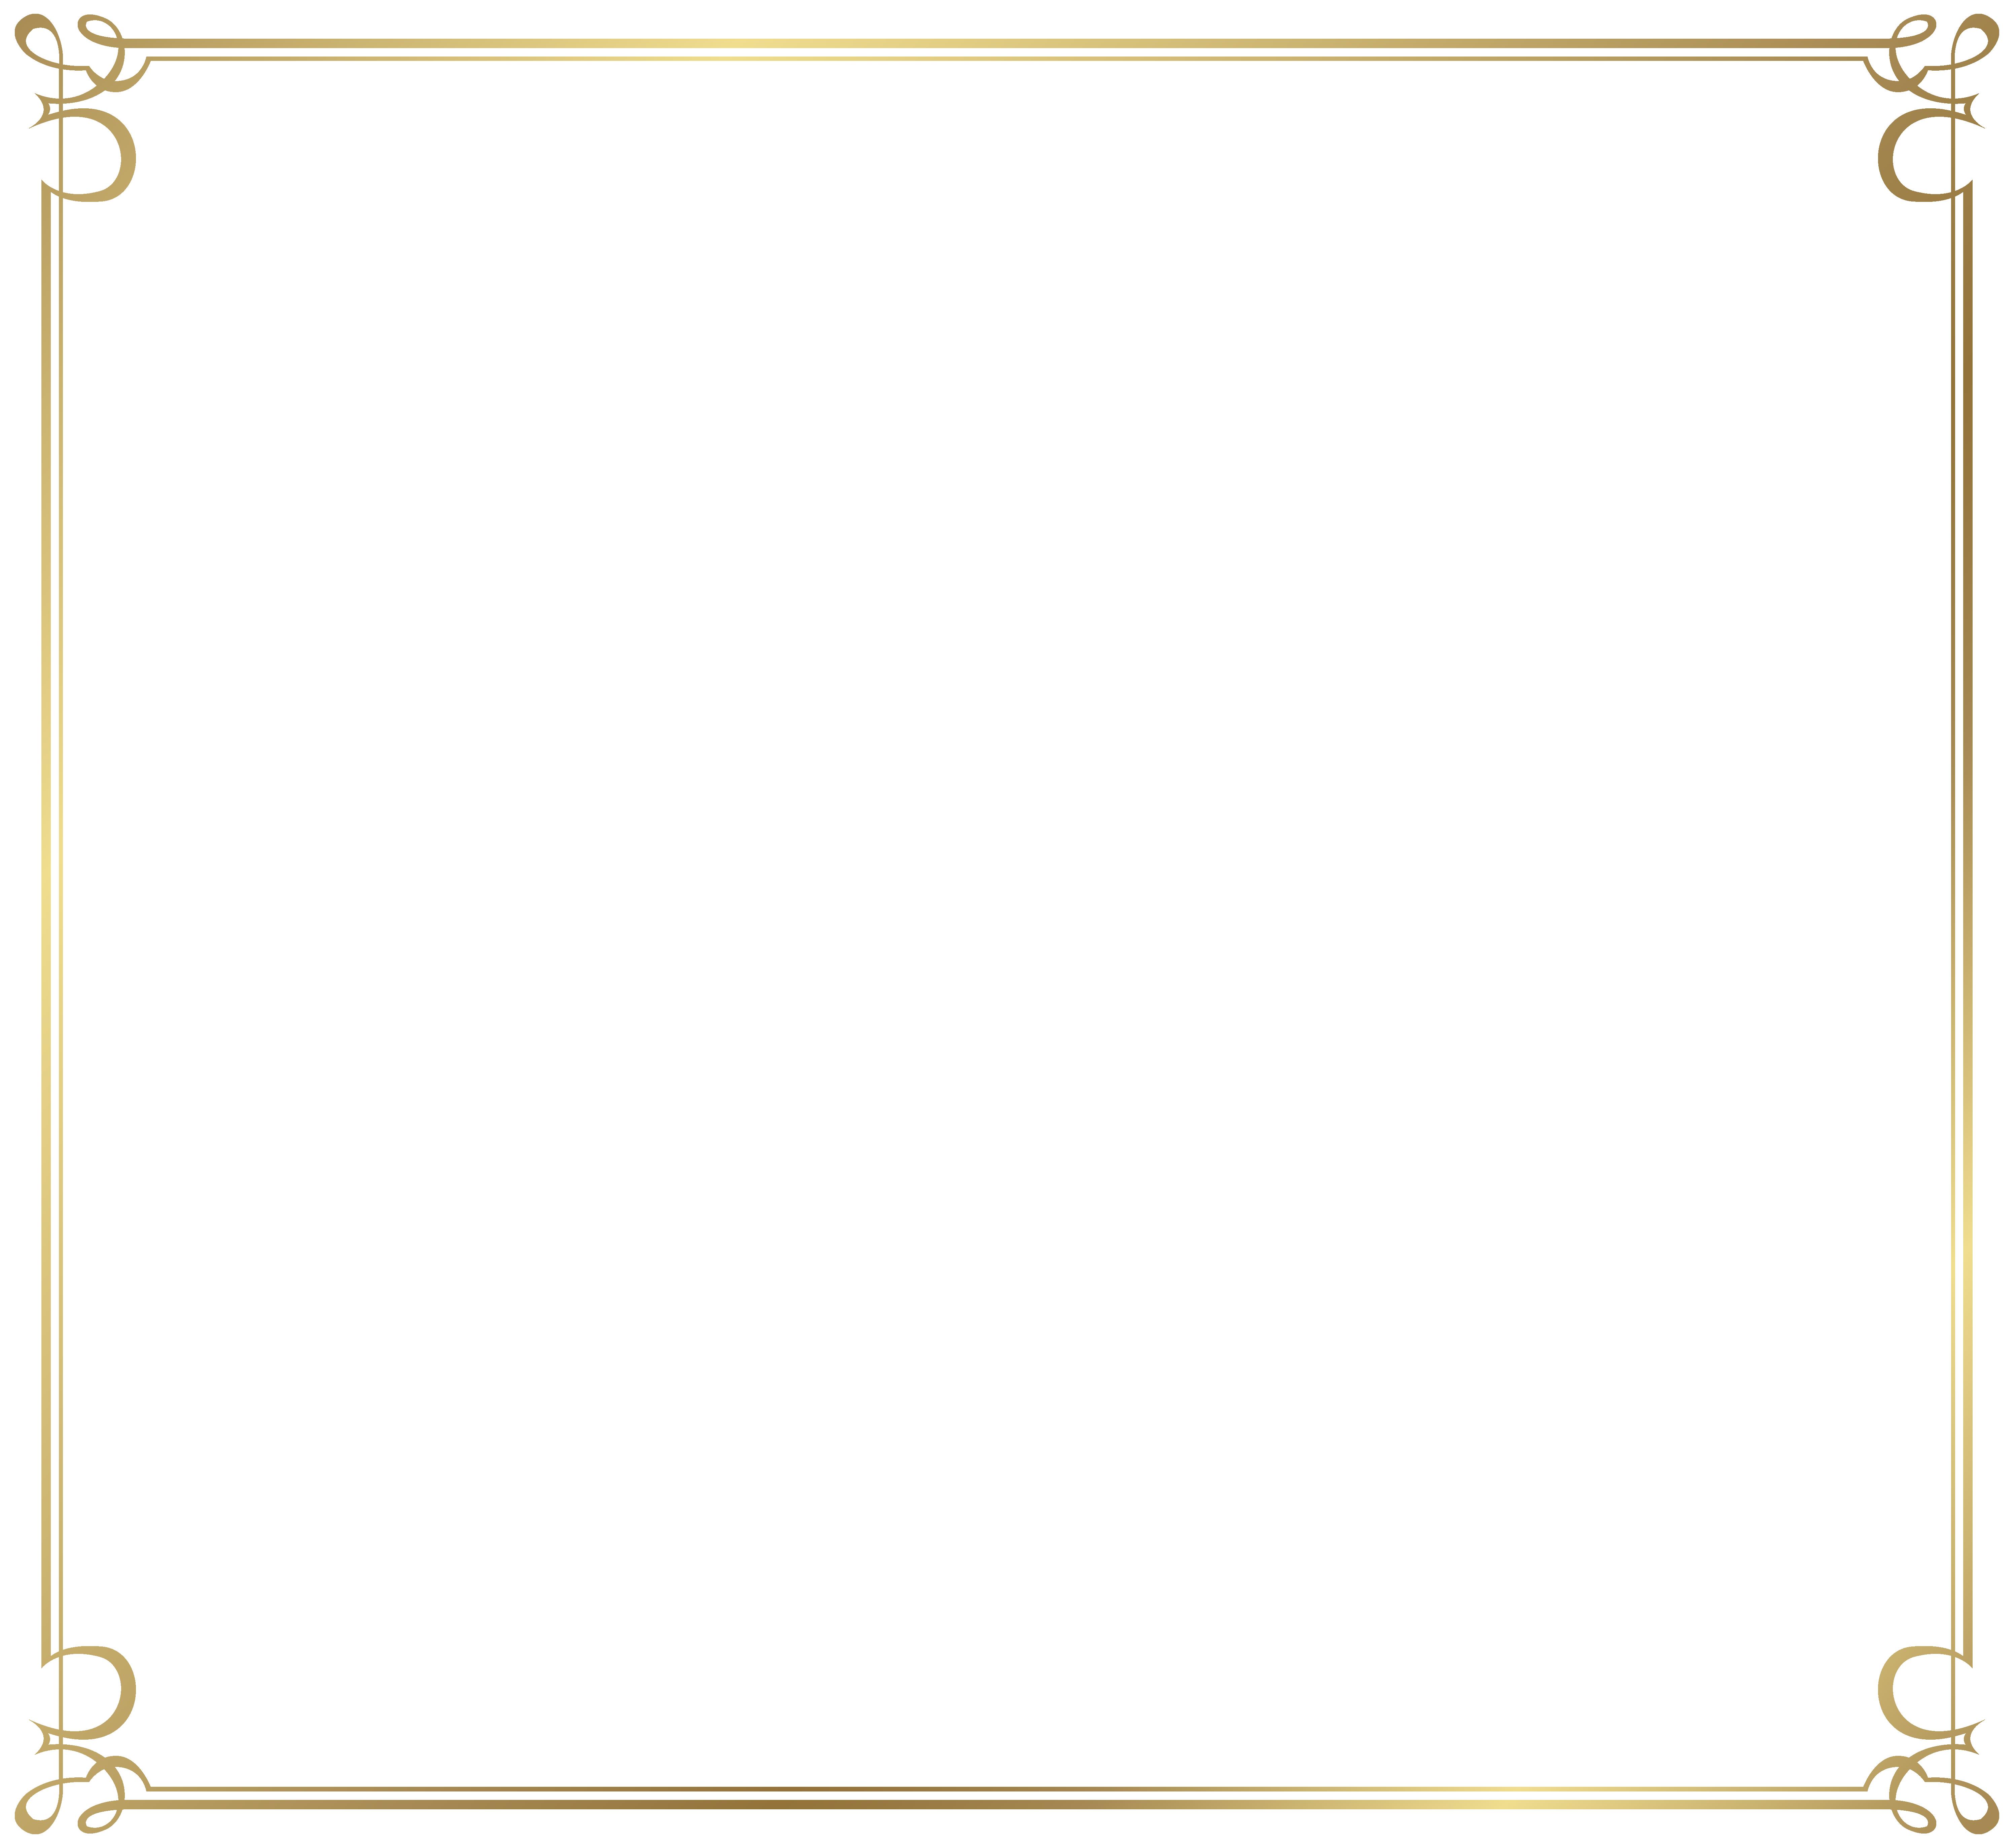 Decorative Frame Border PNG Image.